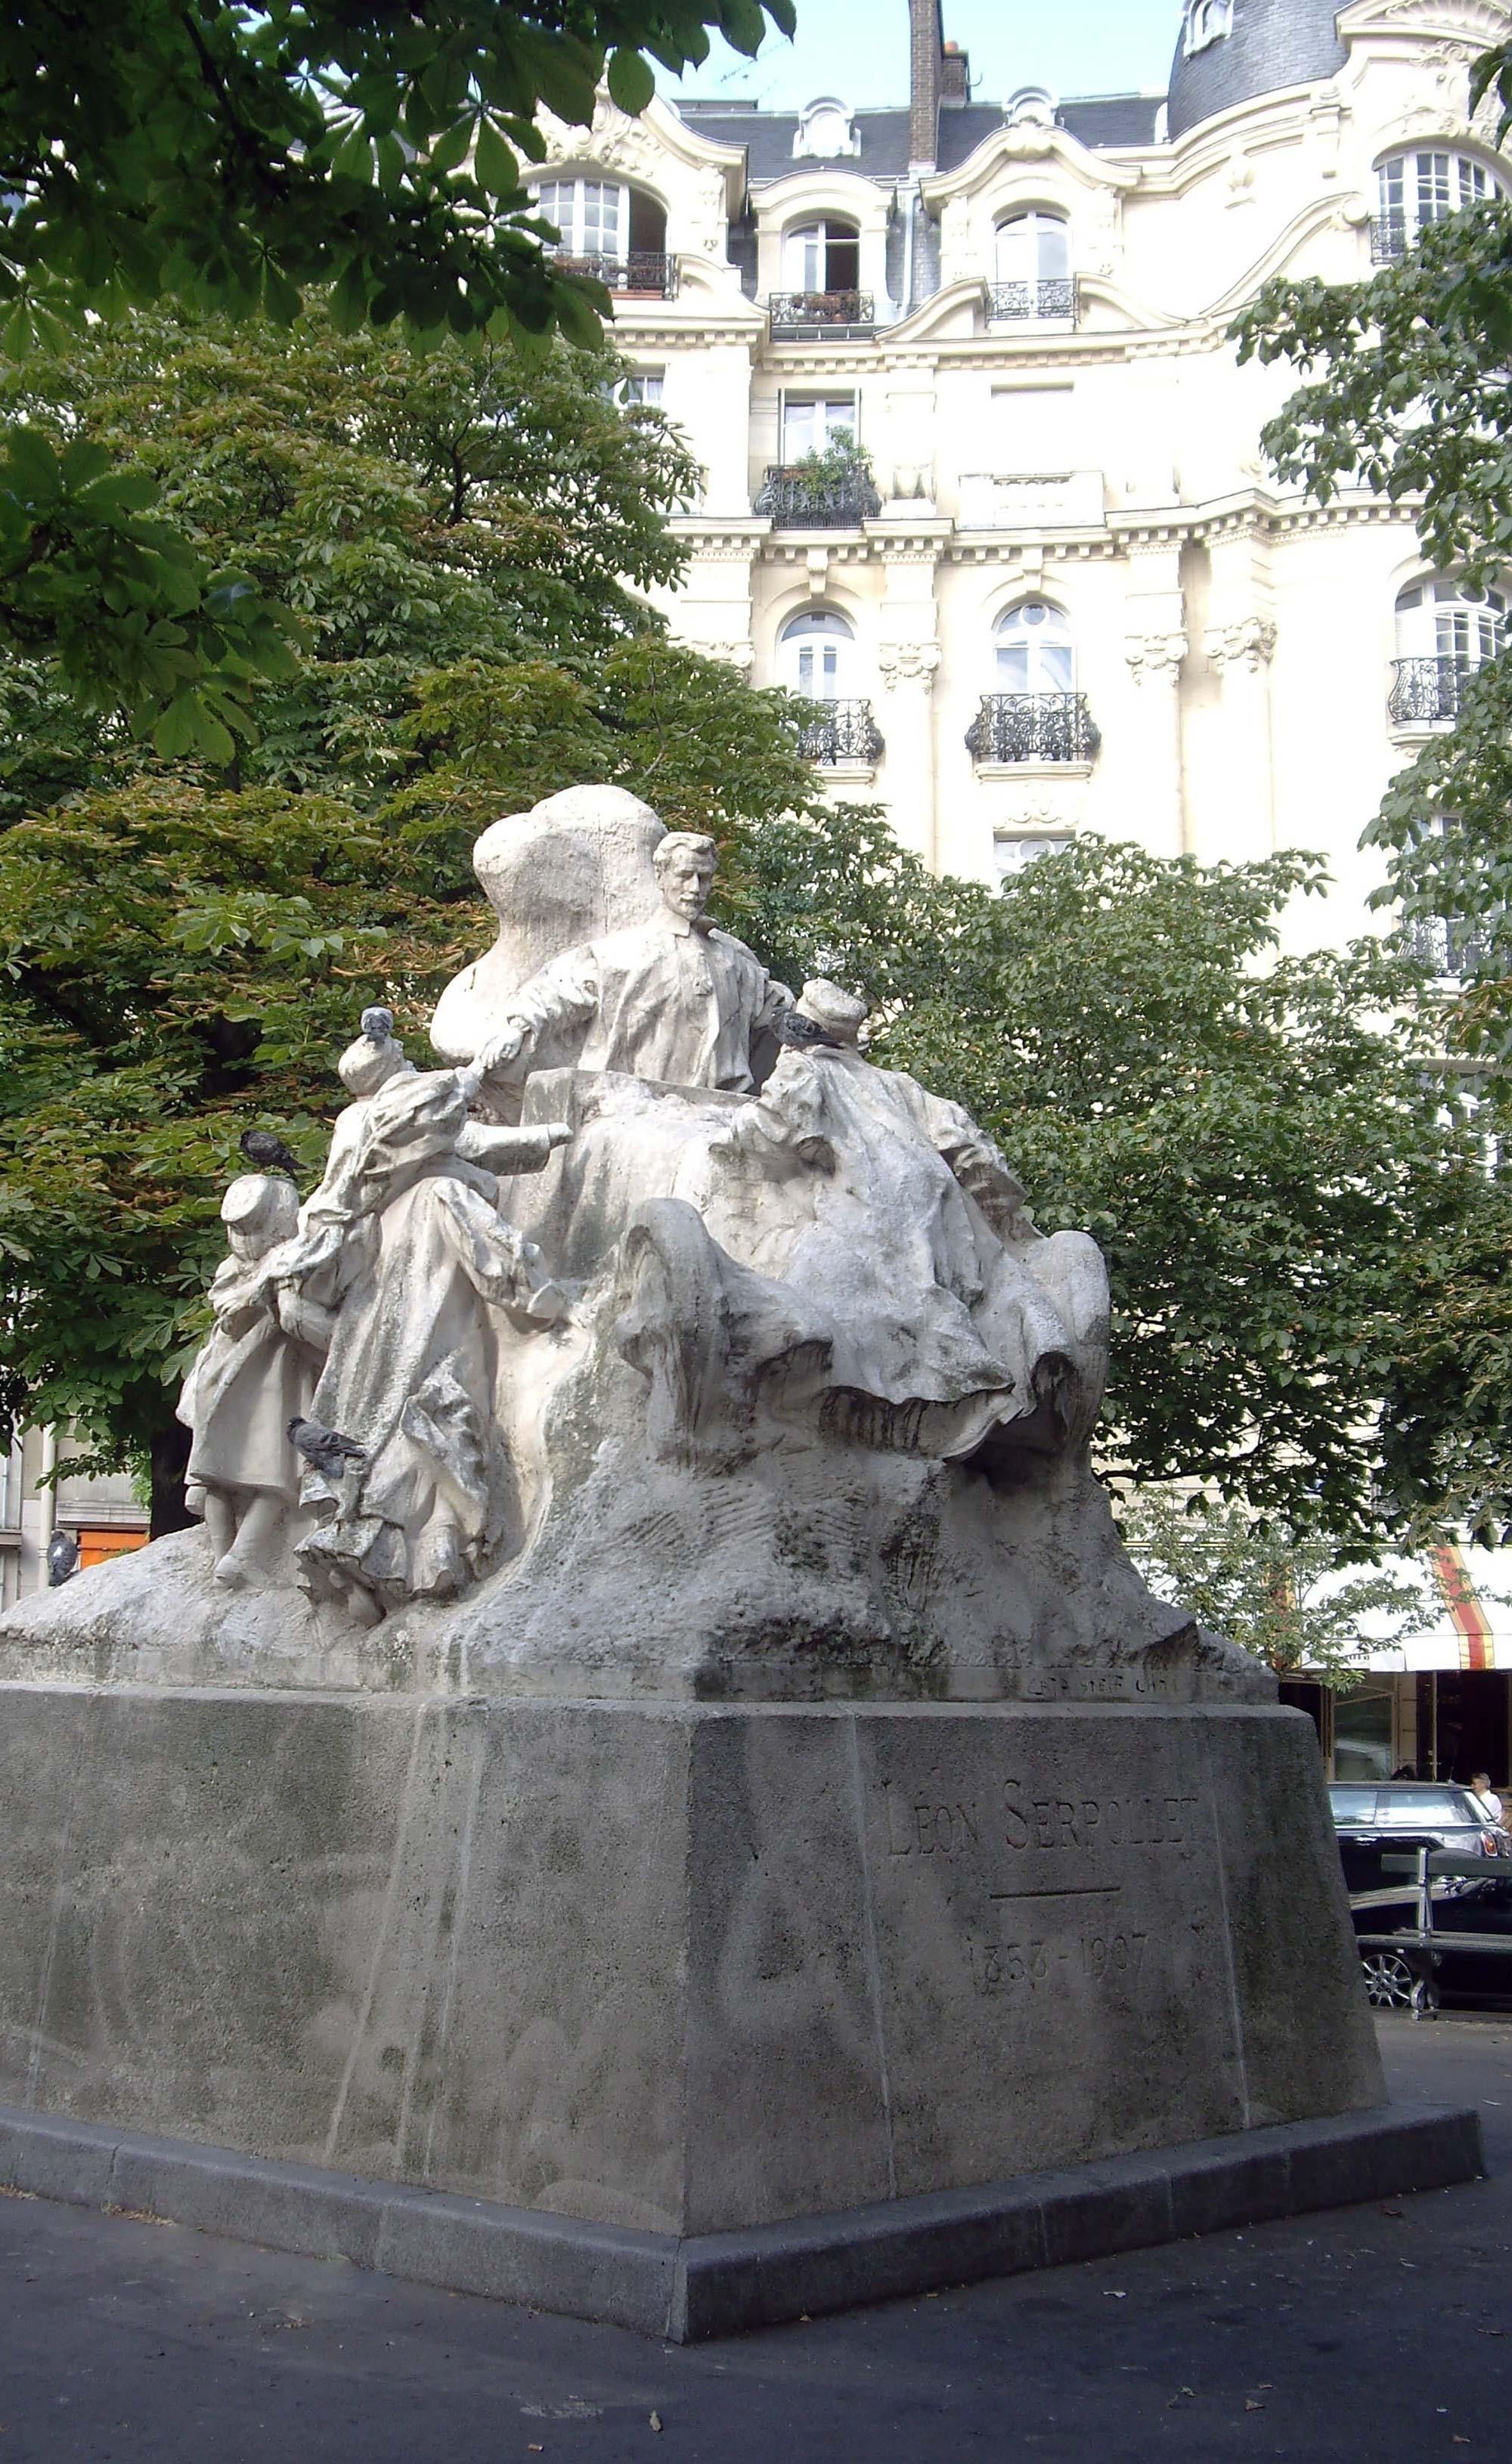 © Wikimedia Commons - Statute au milieu d'une place